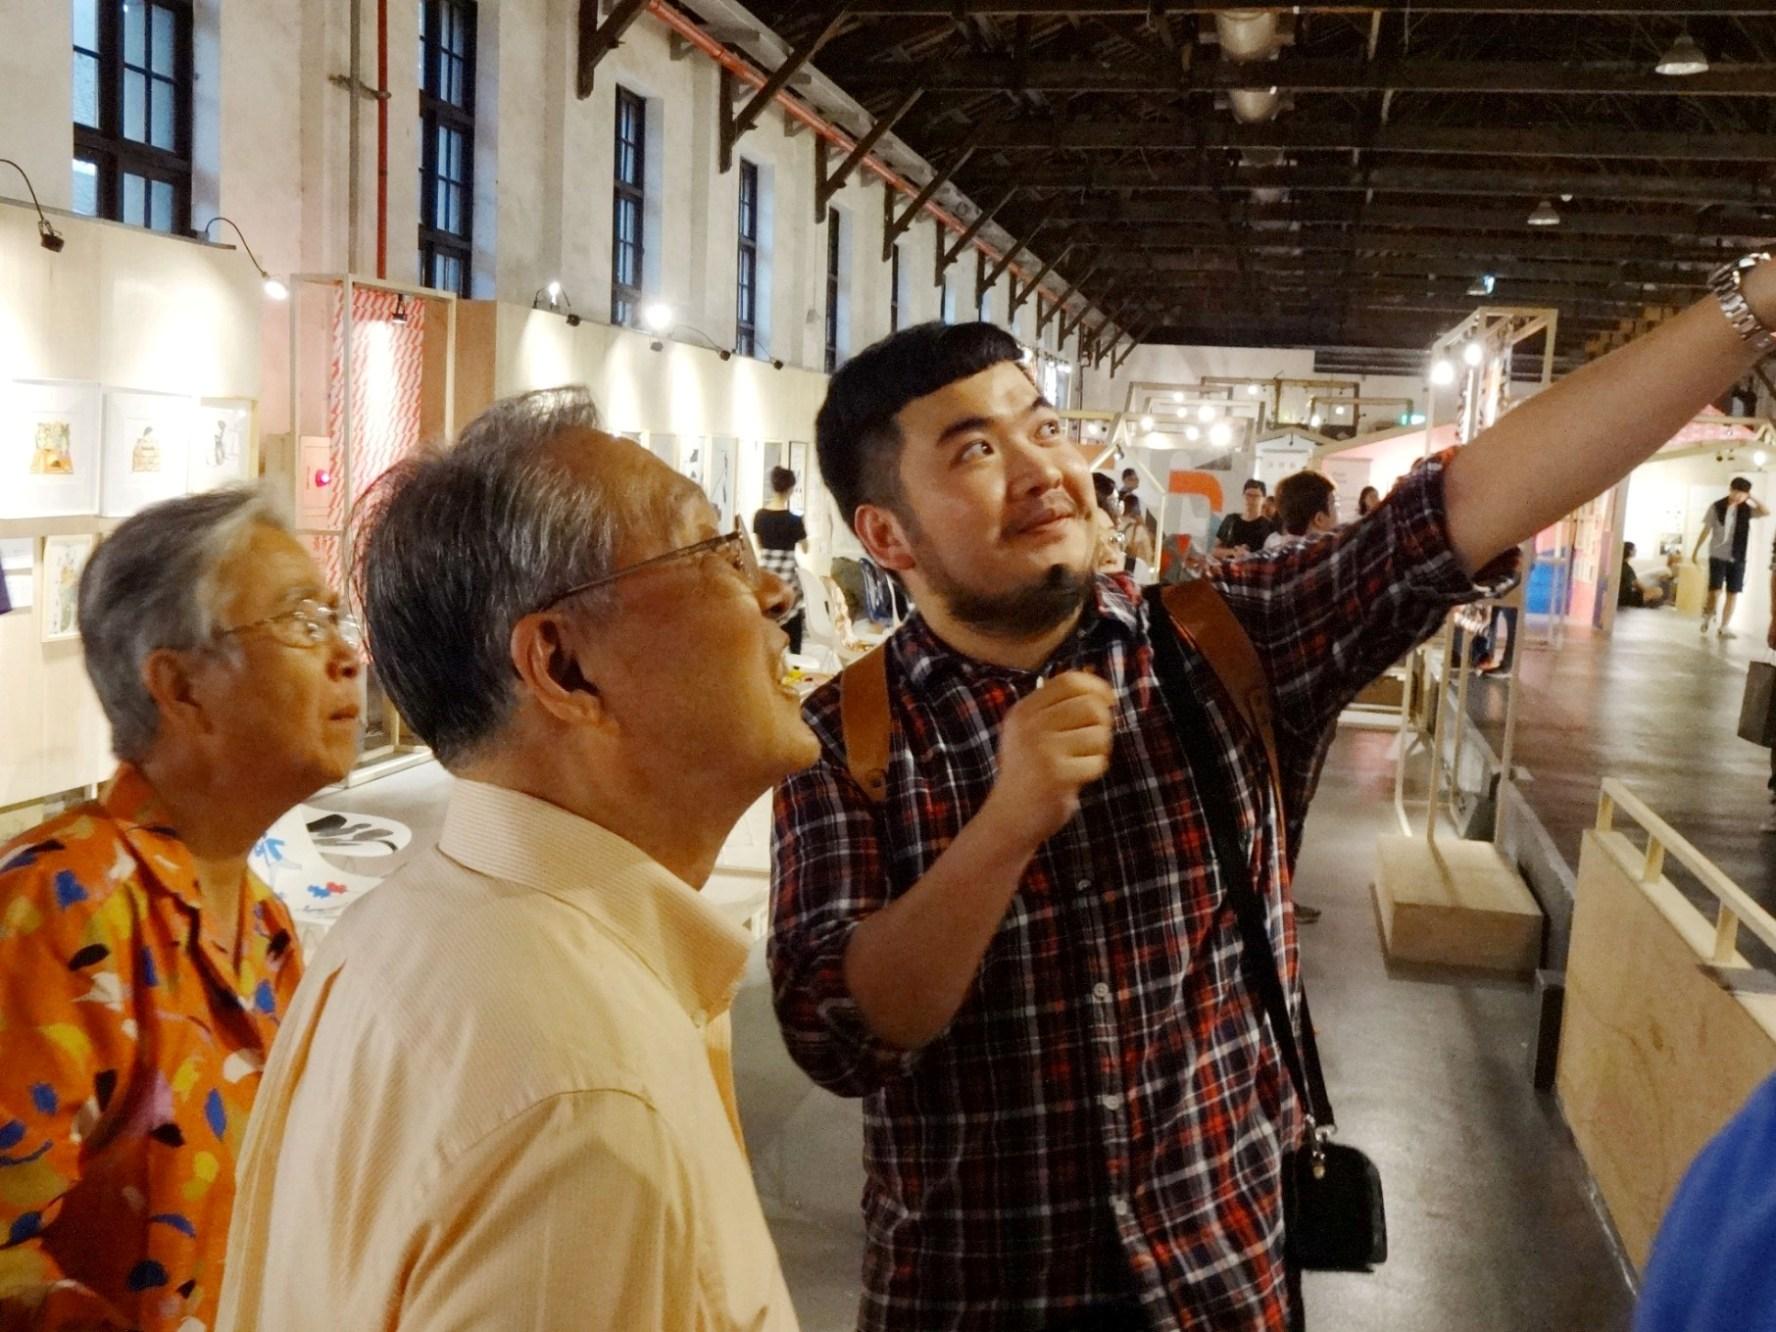 施振榮與夫人聆聽臺北風格1館VisualTaipei策展人鄒駿昇(右1)介紹國內外知名藝術家為臺北特別創作的畫作,聽得入神。